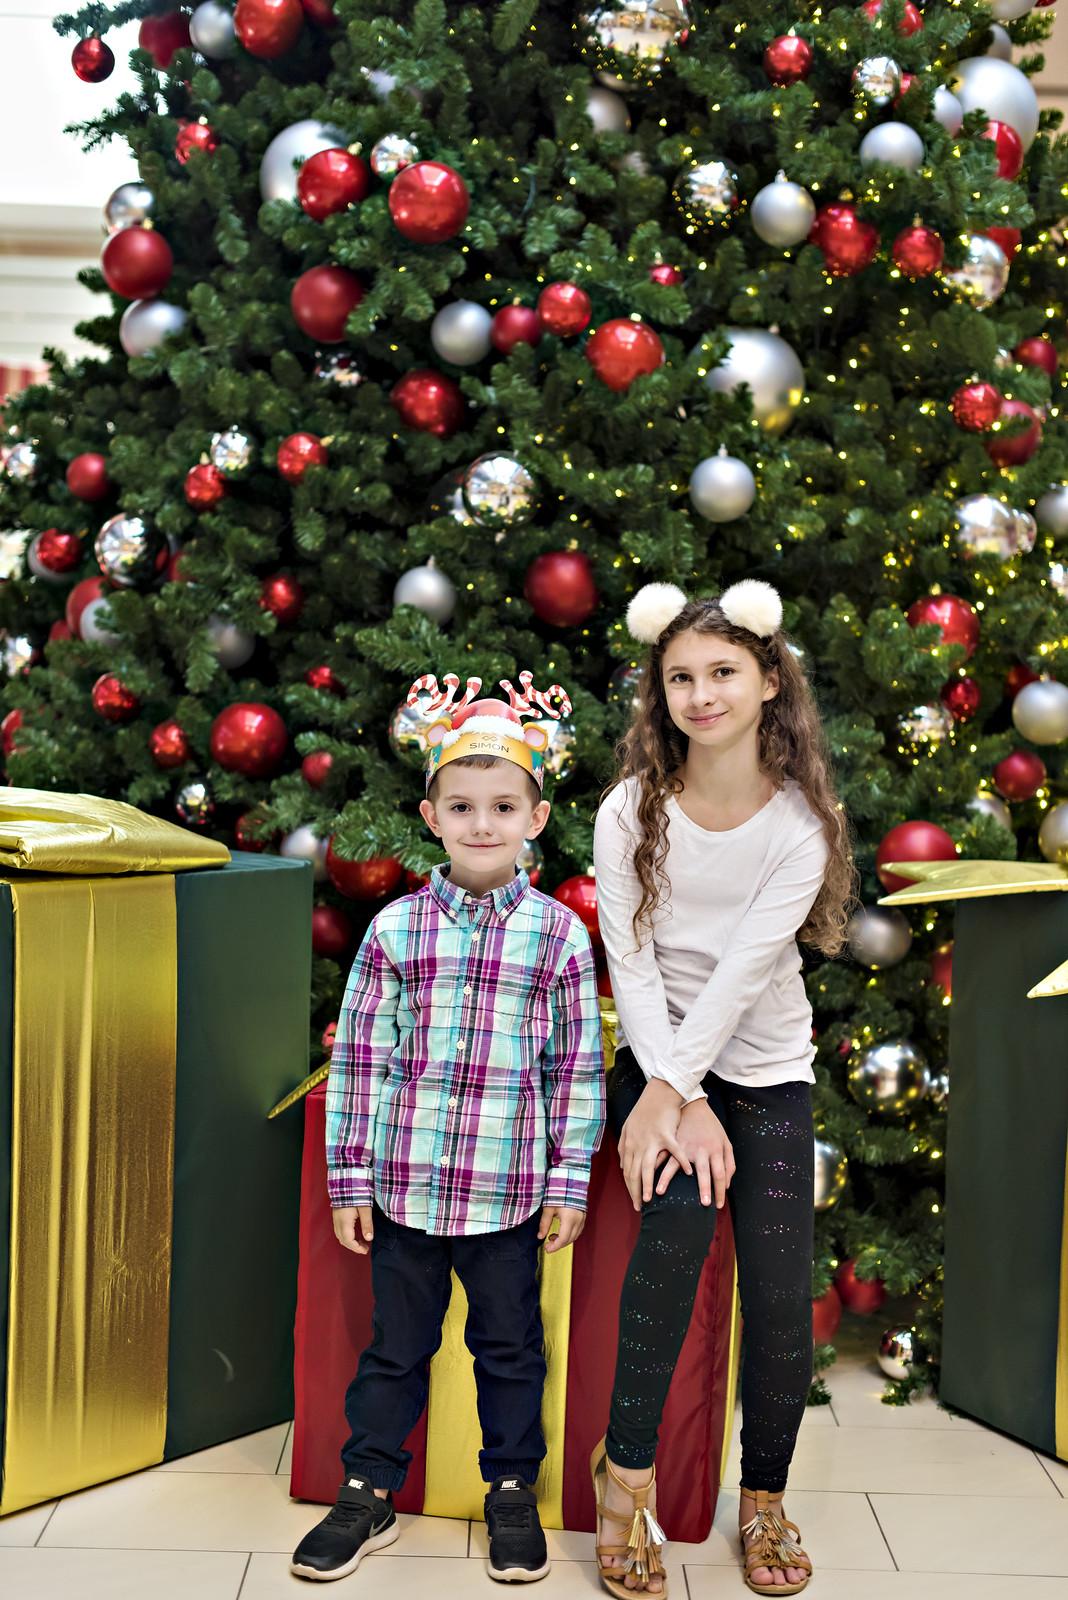 Santa at Ontario Mills mall